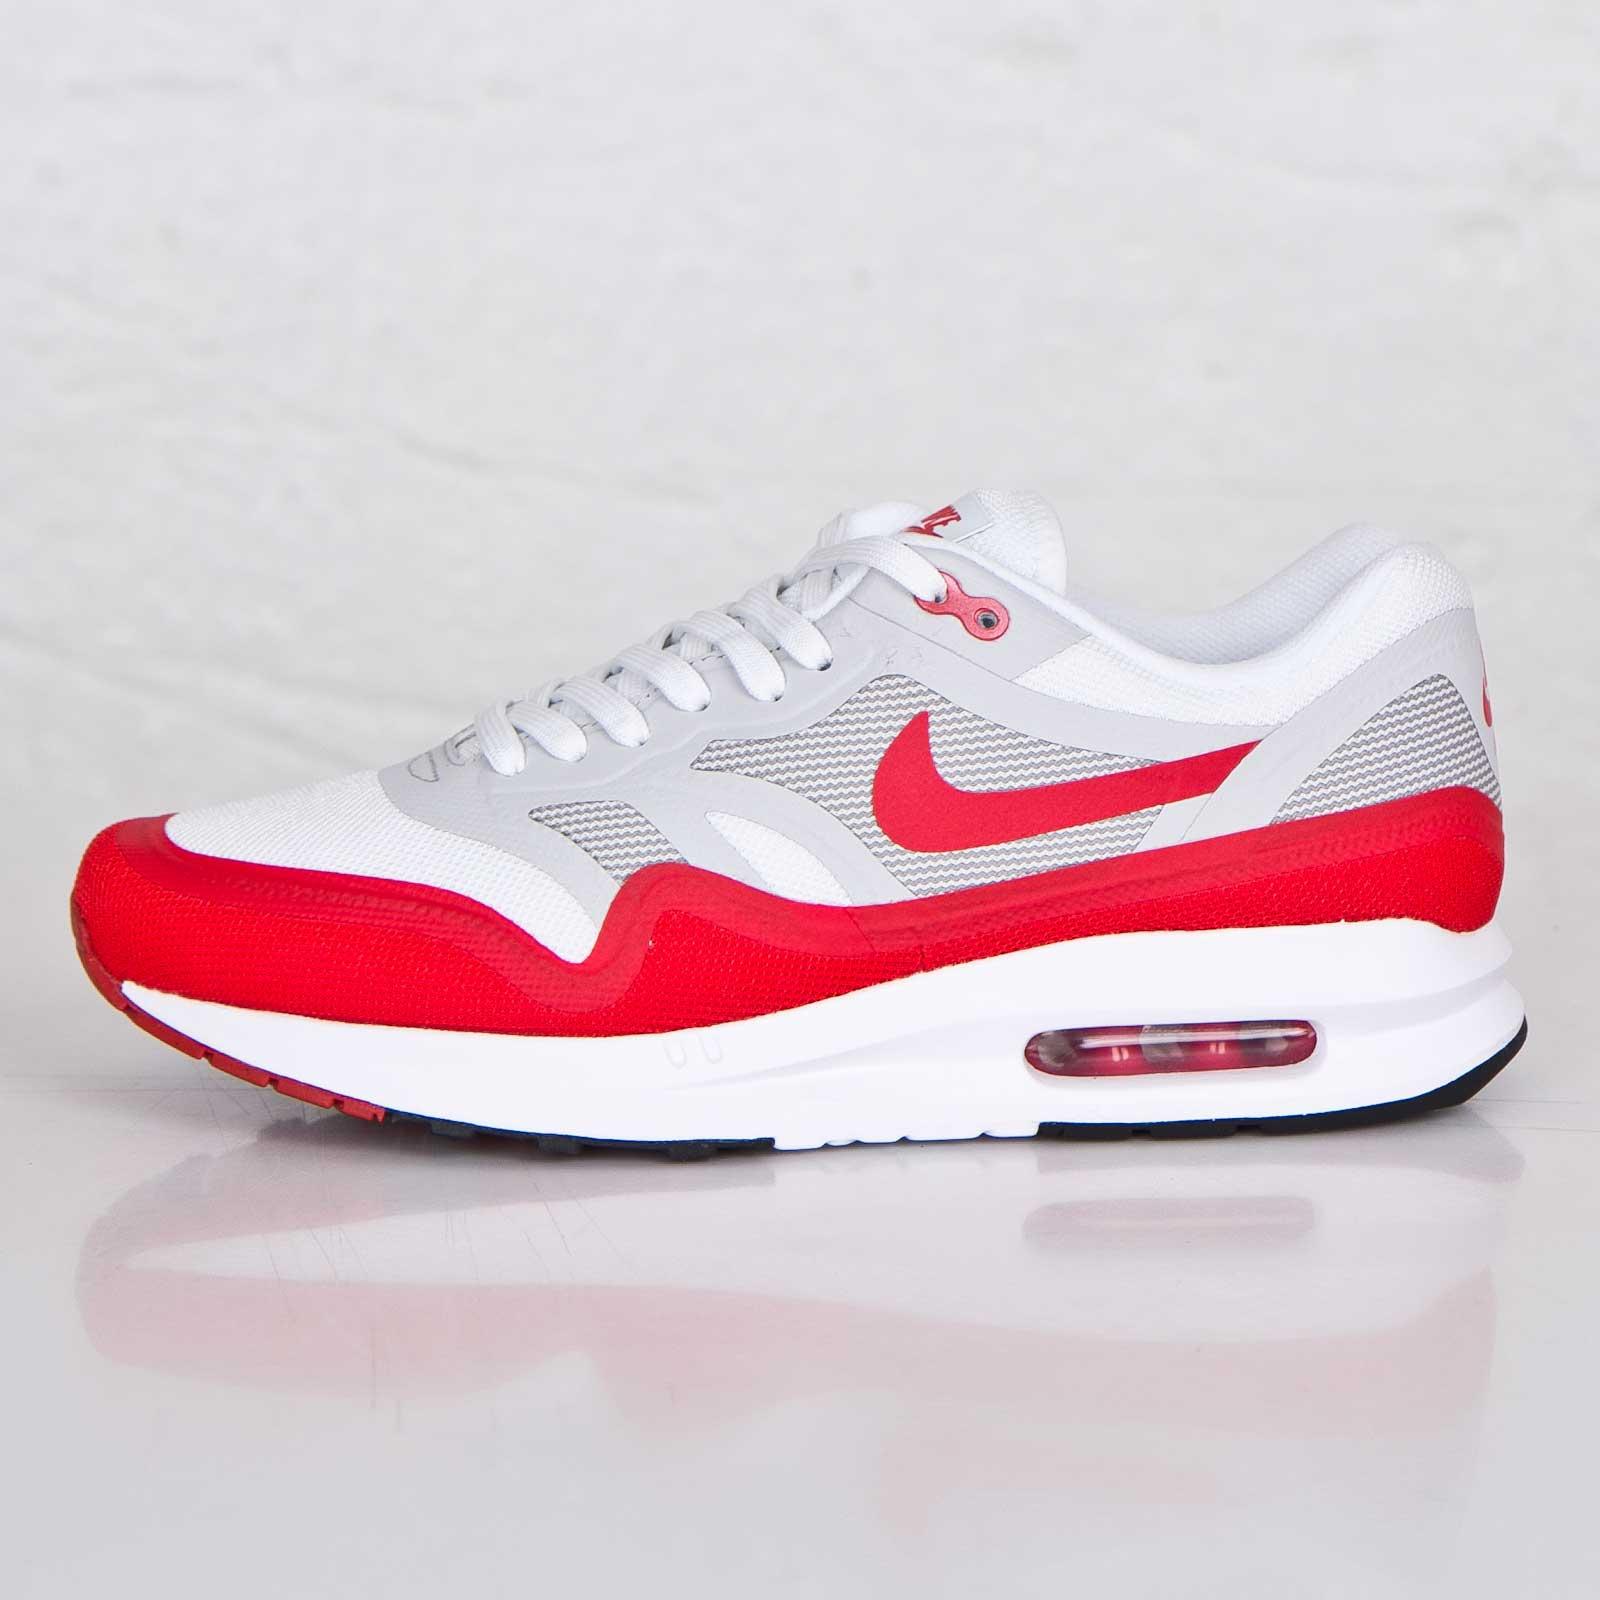 b97eeff1f1e9 Nike Air Max Lunar1 - 654469-101 - Sneakersnstuff